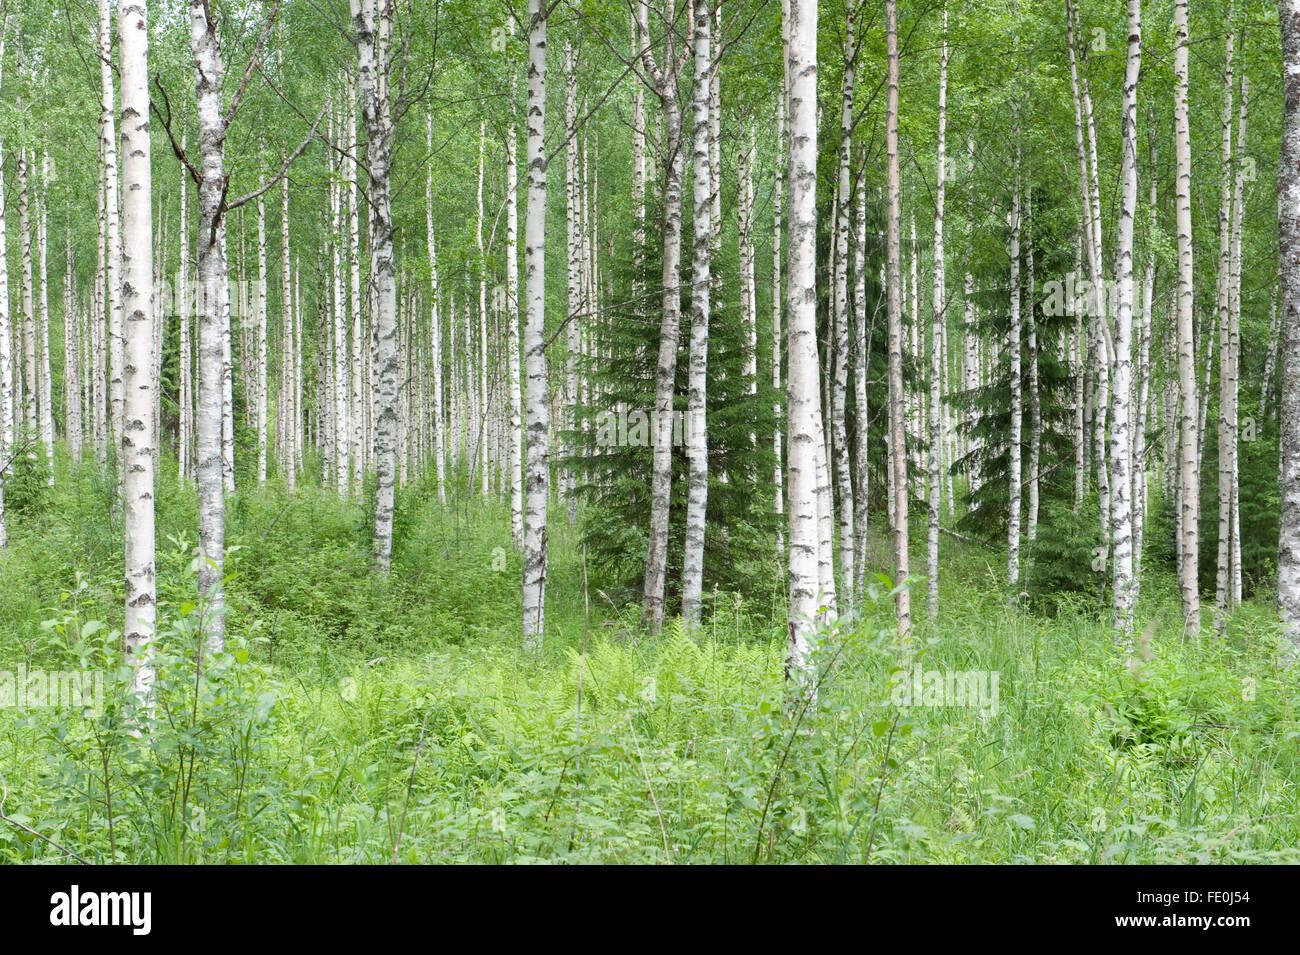 Silver Birch woodland, Betula pendula, Finland - Stock Image